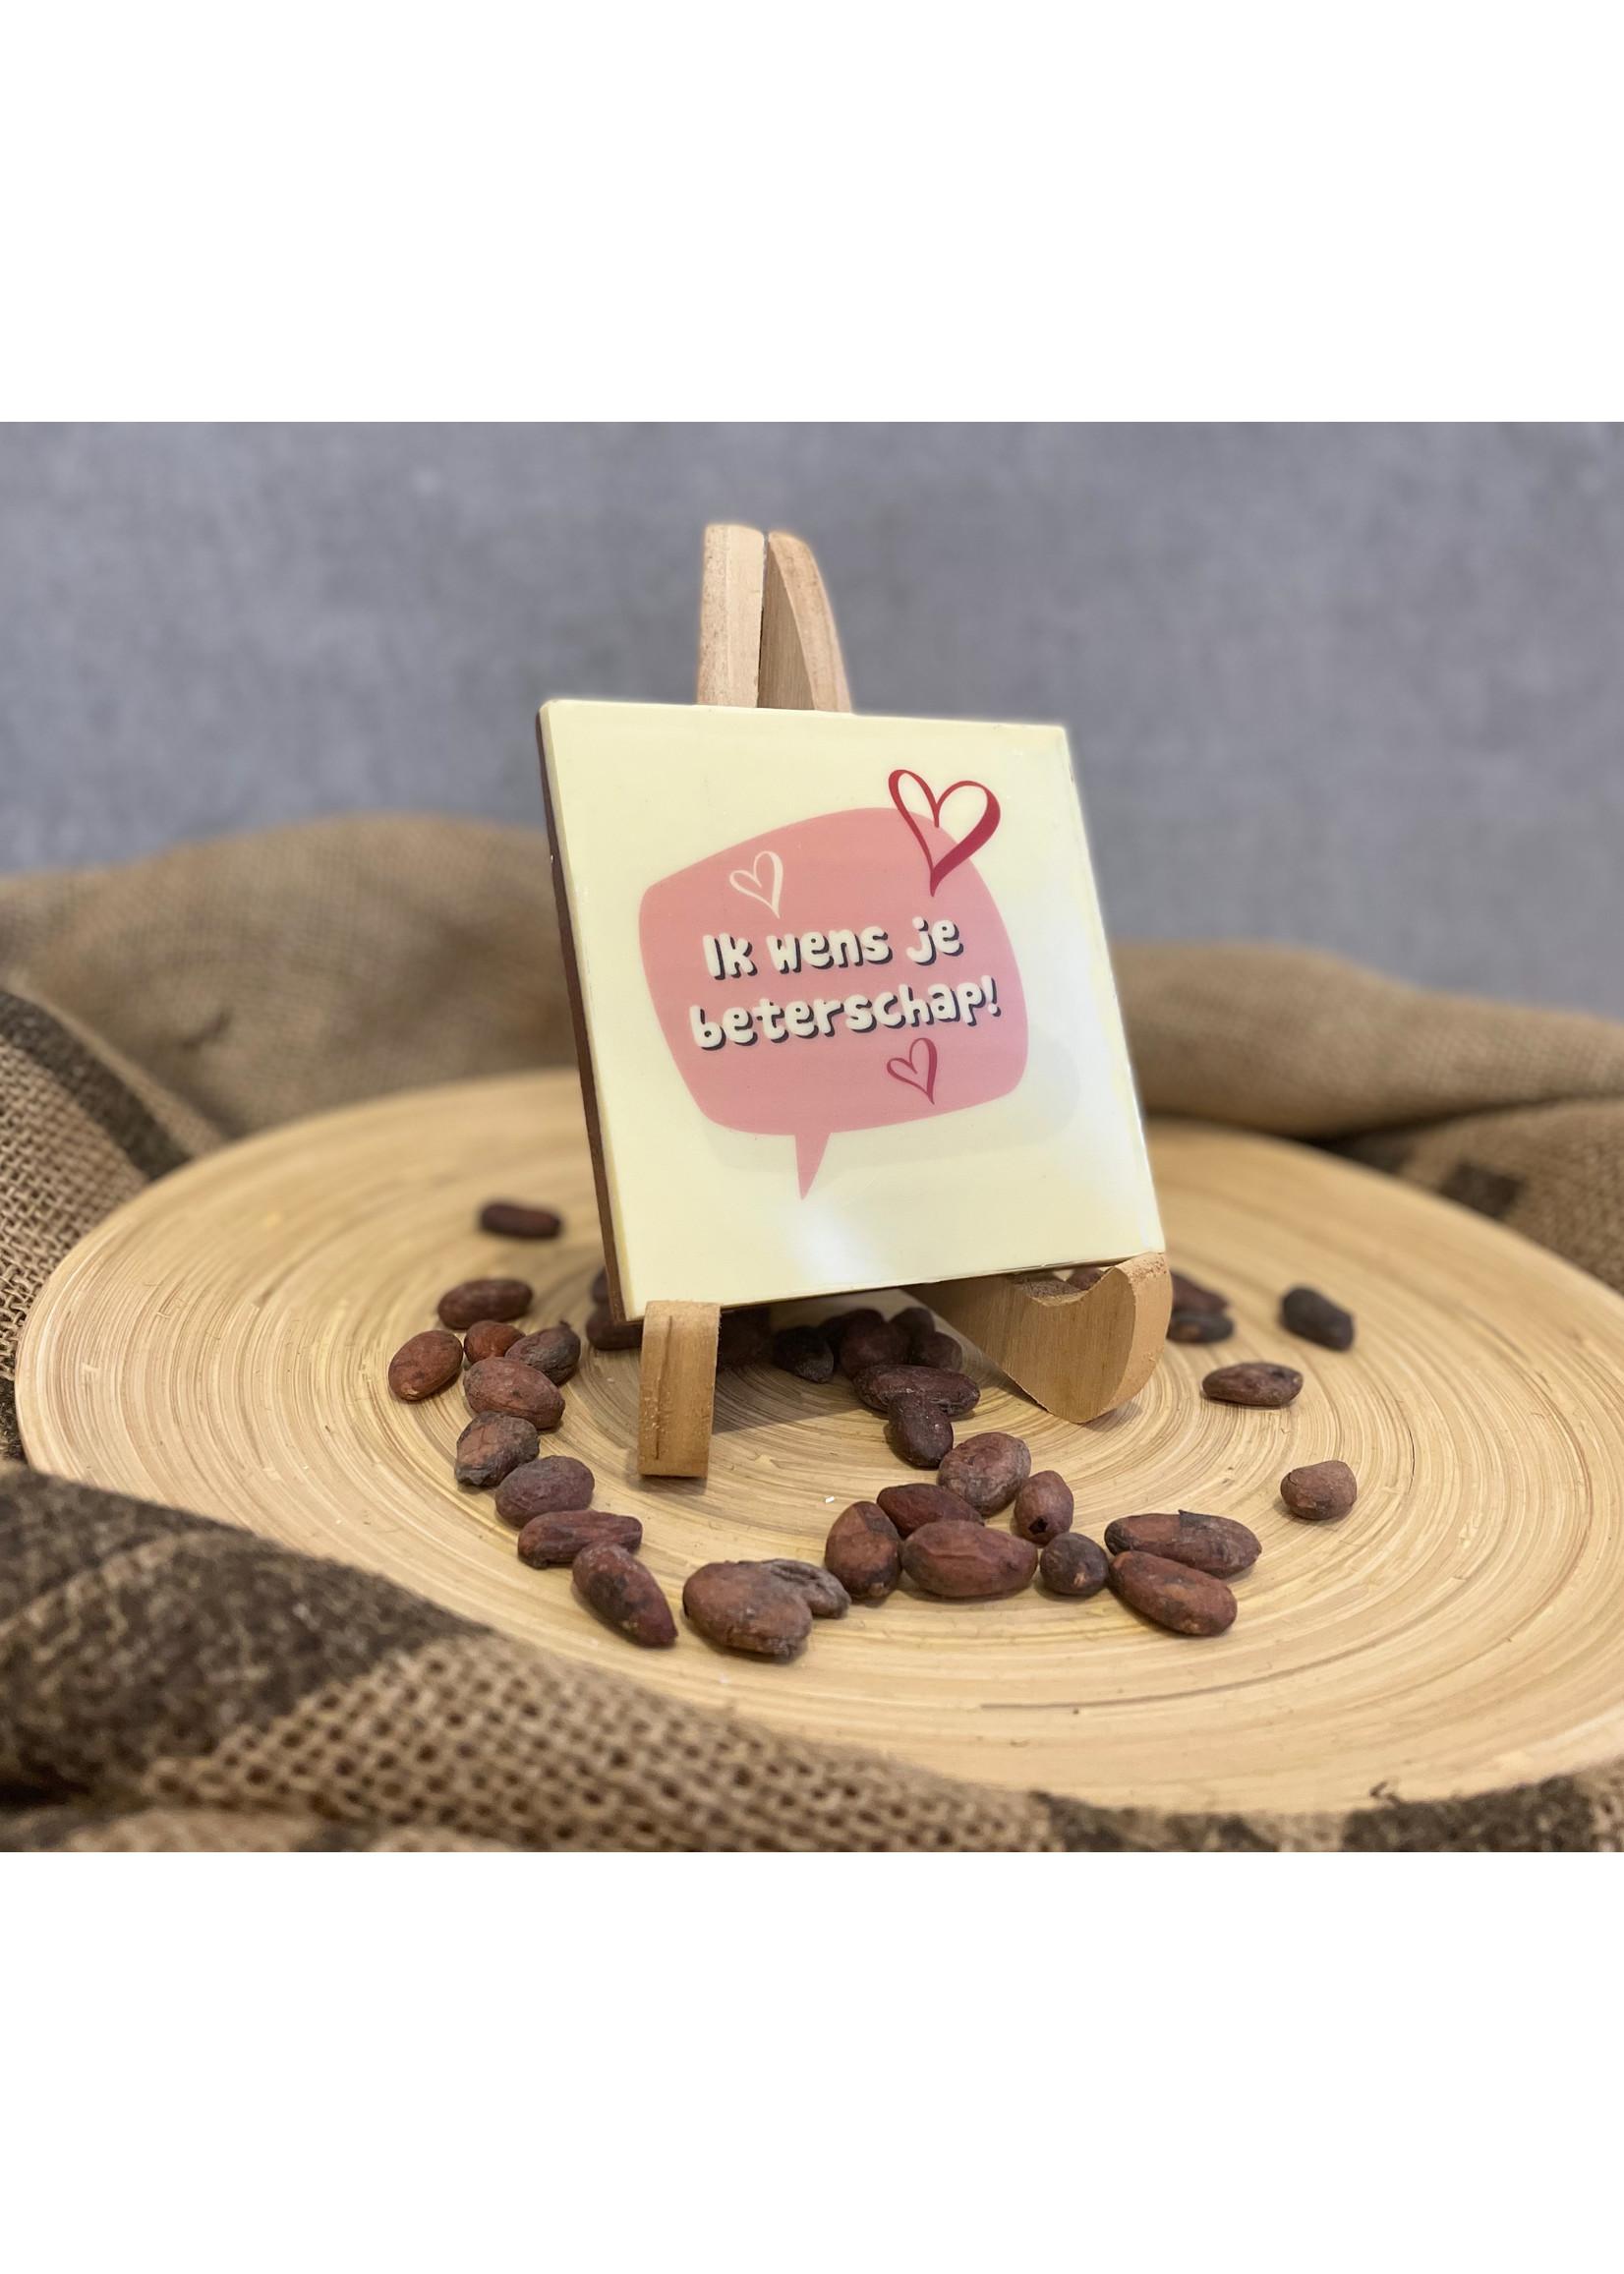 Ik wens je beterschap chocolade!